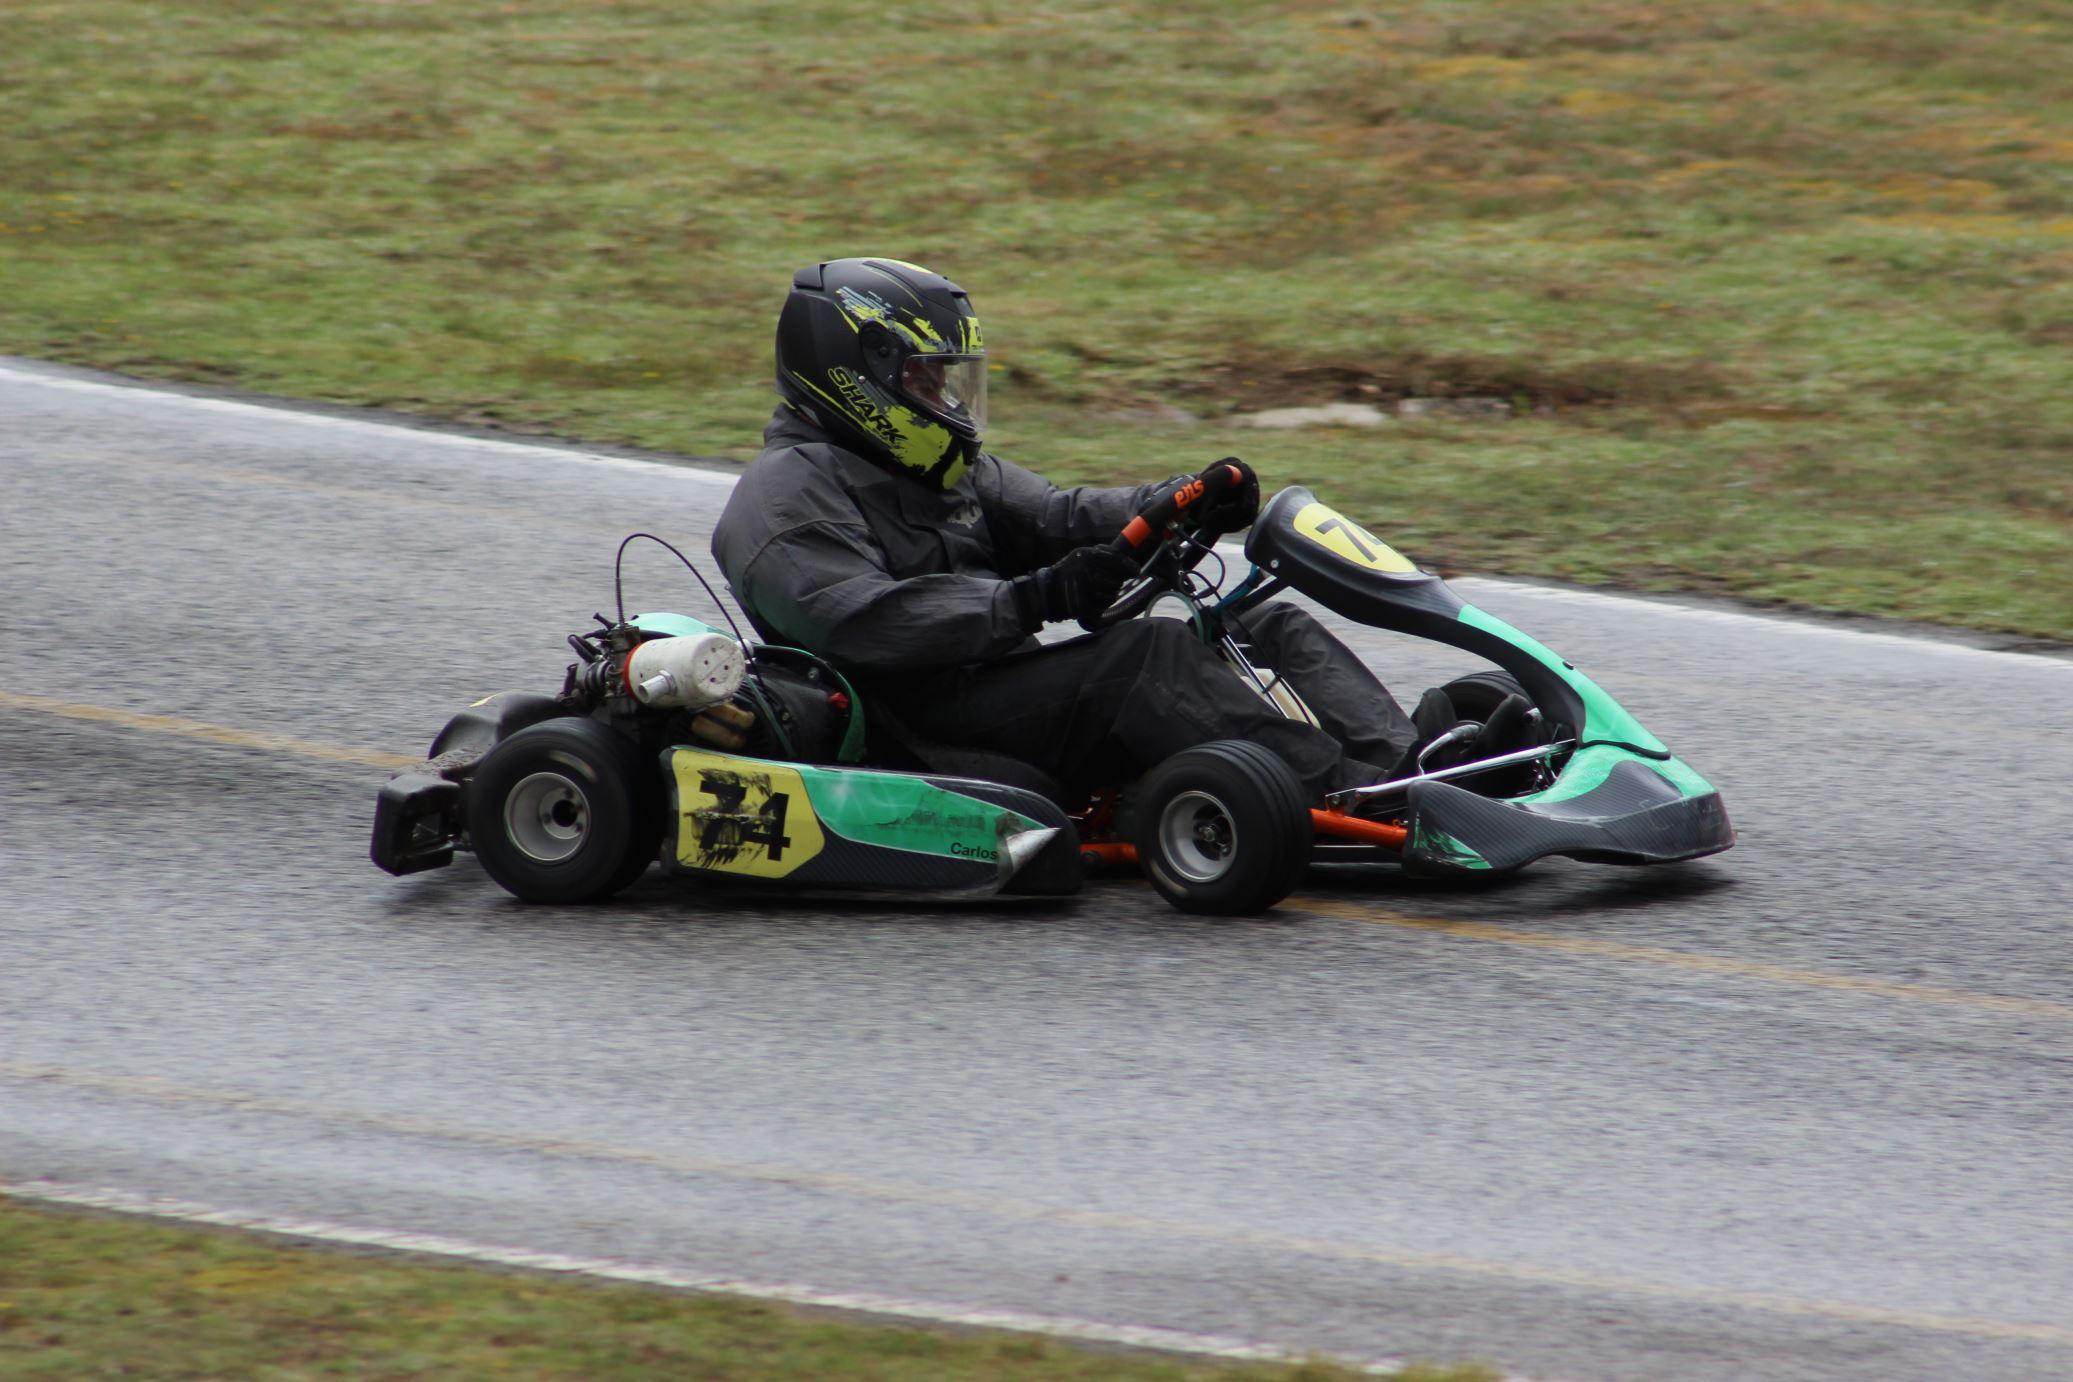 Troféu Honda 2014 - 2ª Prova129